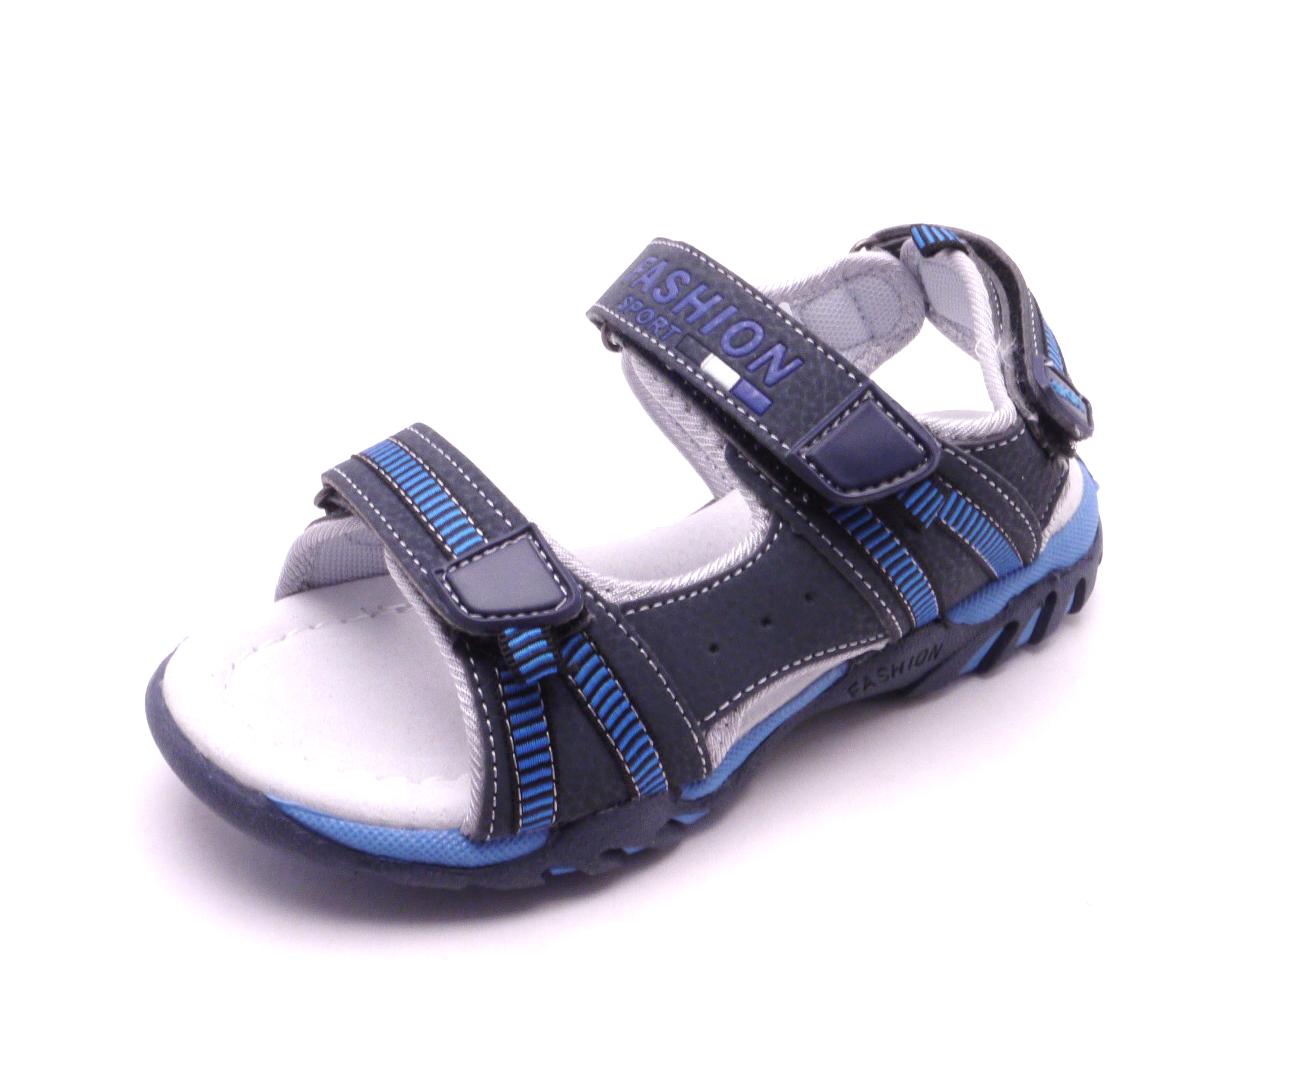 Obutex Dětské sandálky tmavě modré S217002 Velikost: 31